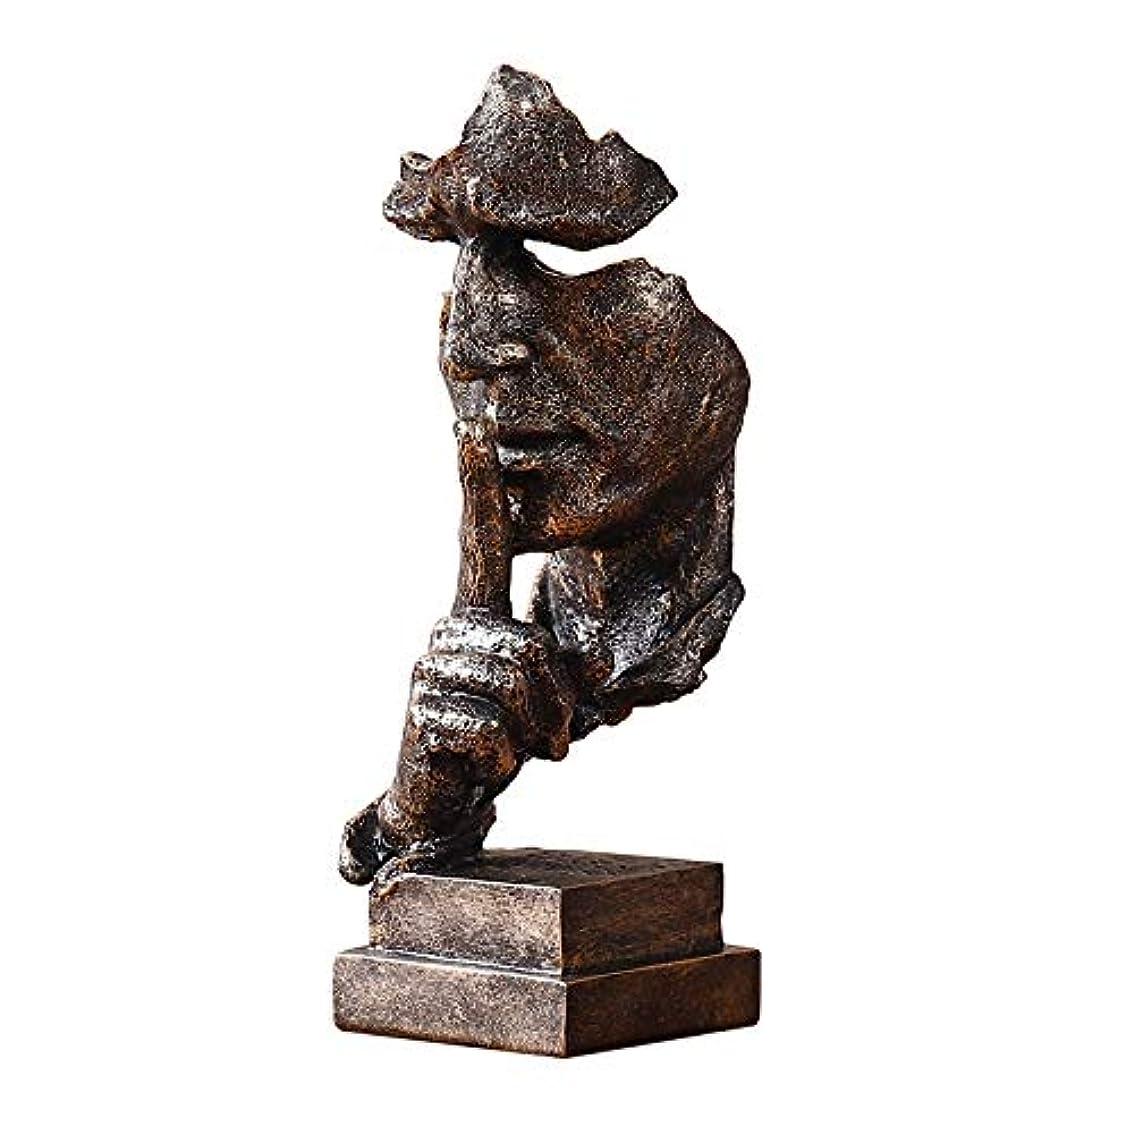 等しいビーチペルセウス樹脂抽象彫刻沈黙はゴールデン男性像キャラクター工芸品装飾用オフィスリビングルームアートワーク,Bronze